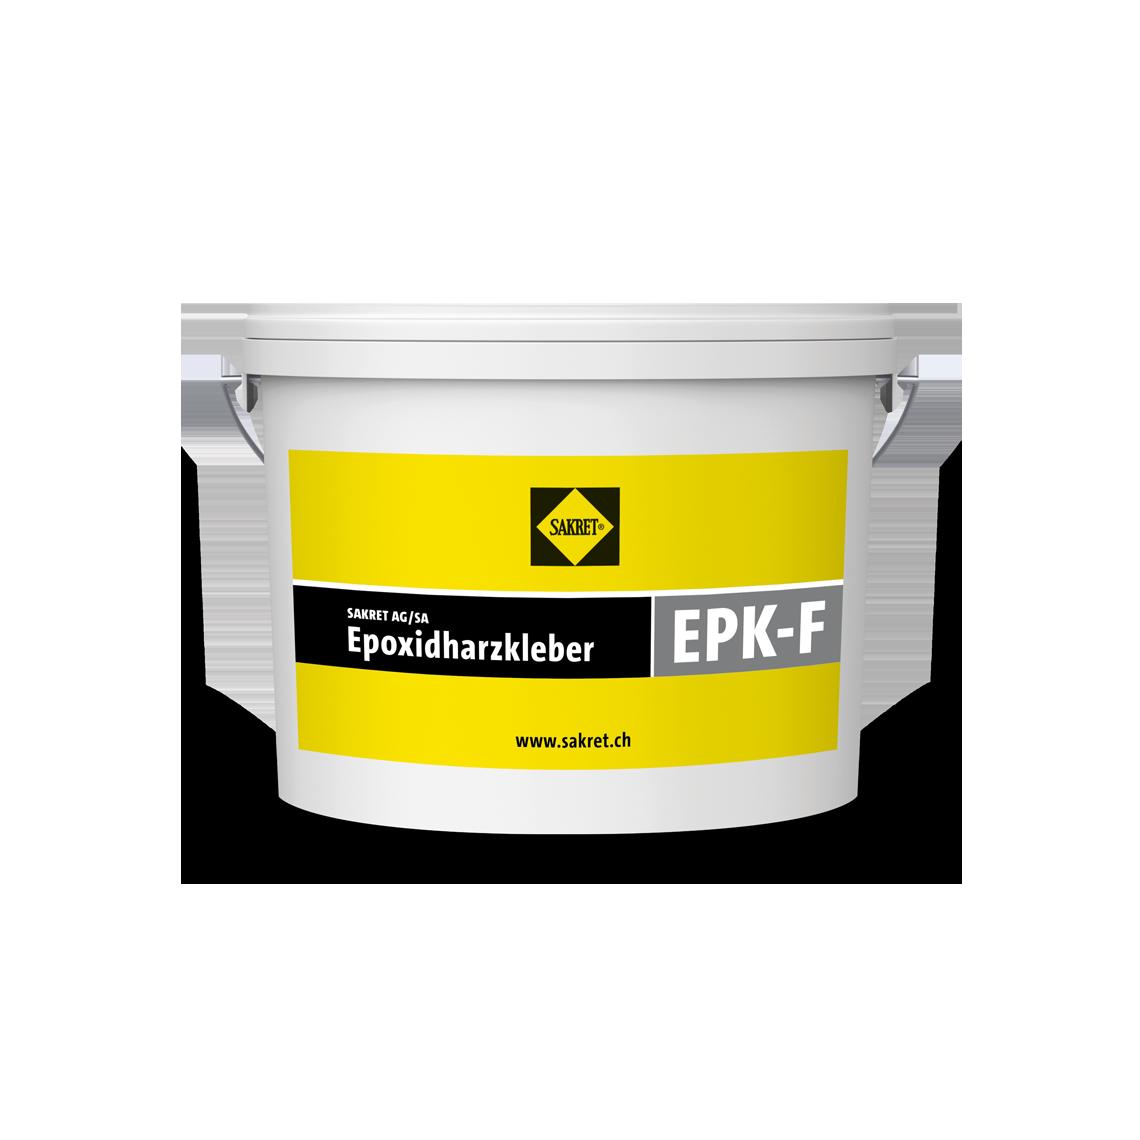 SAKRET Schweiz Epoxidharzkleber EPK-F